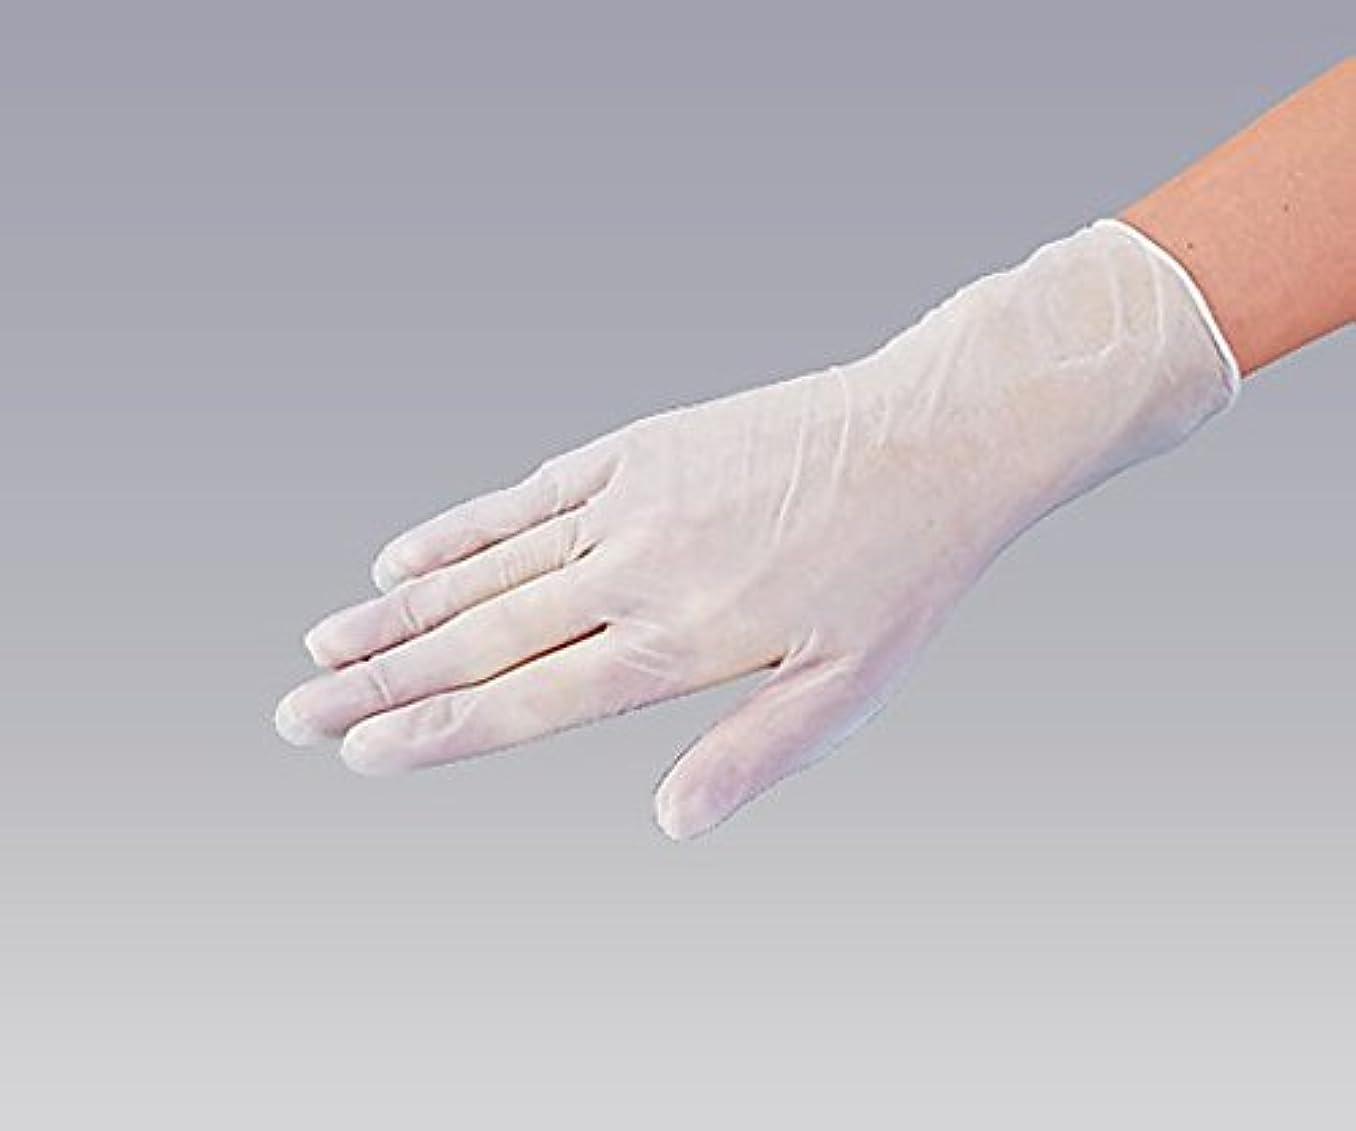 パラダイス検査乳ナビス(アズワン)0-9868-01プラスチック手袋パウダー無L100入